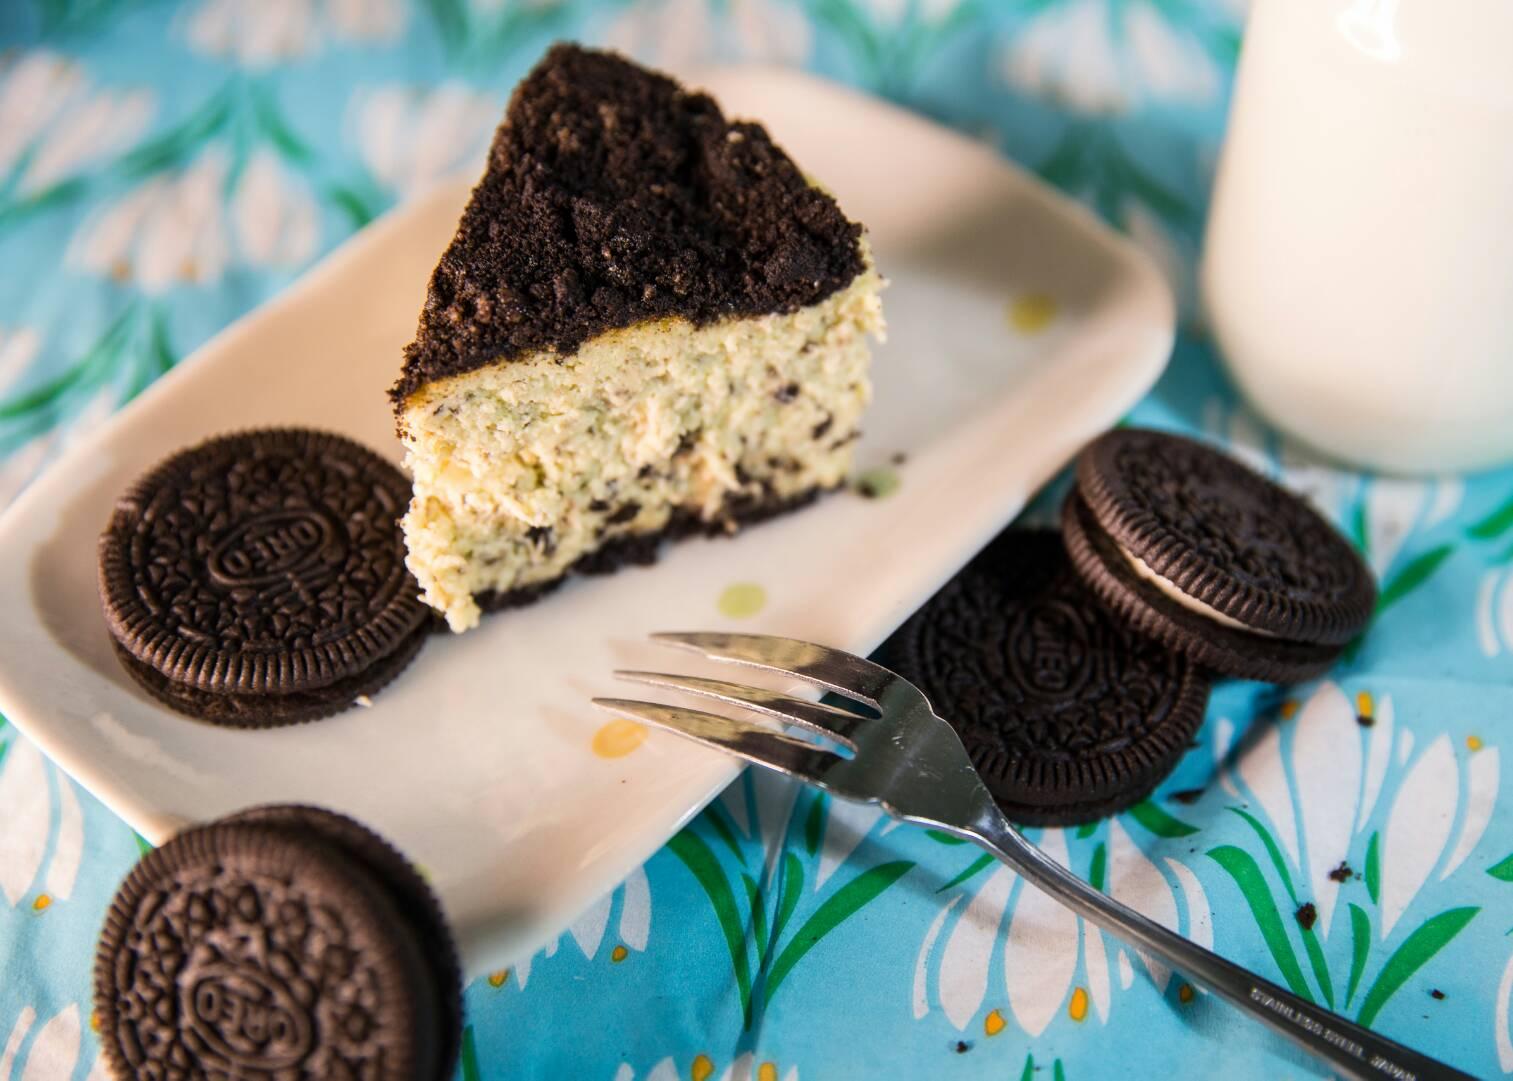 【品鑫蛋糕坊】oreo重乳酪蛋糕 5吋